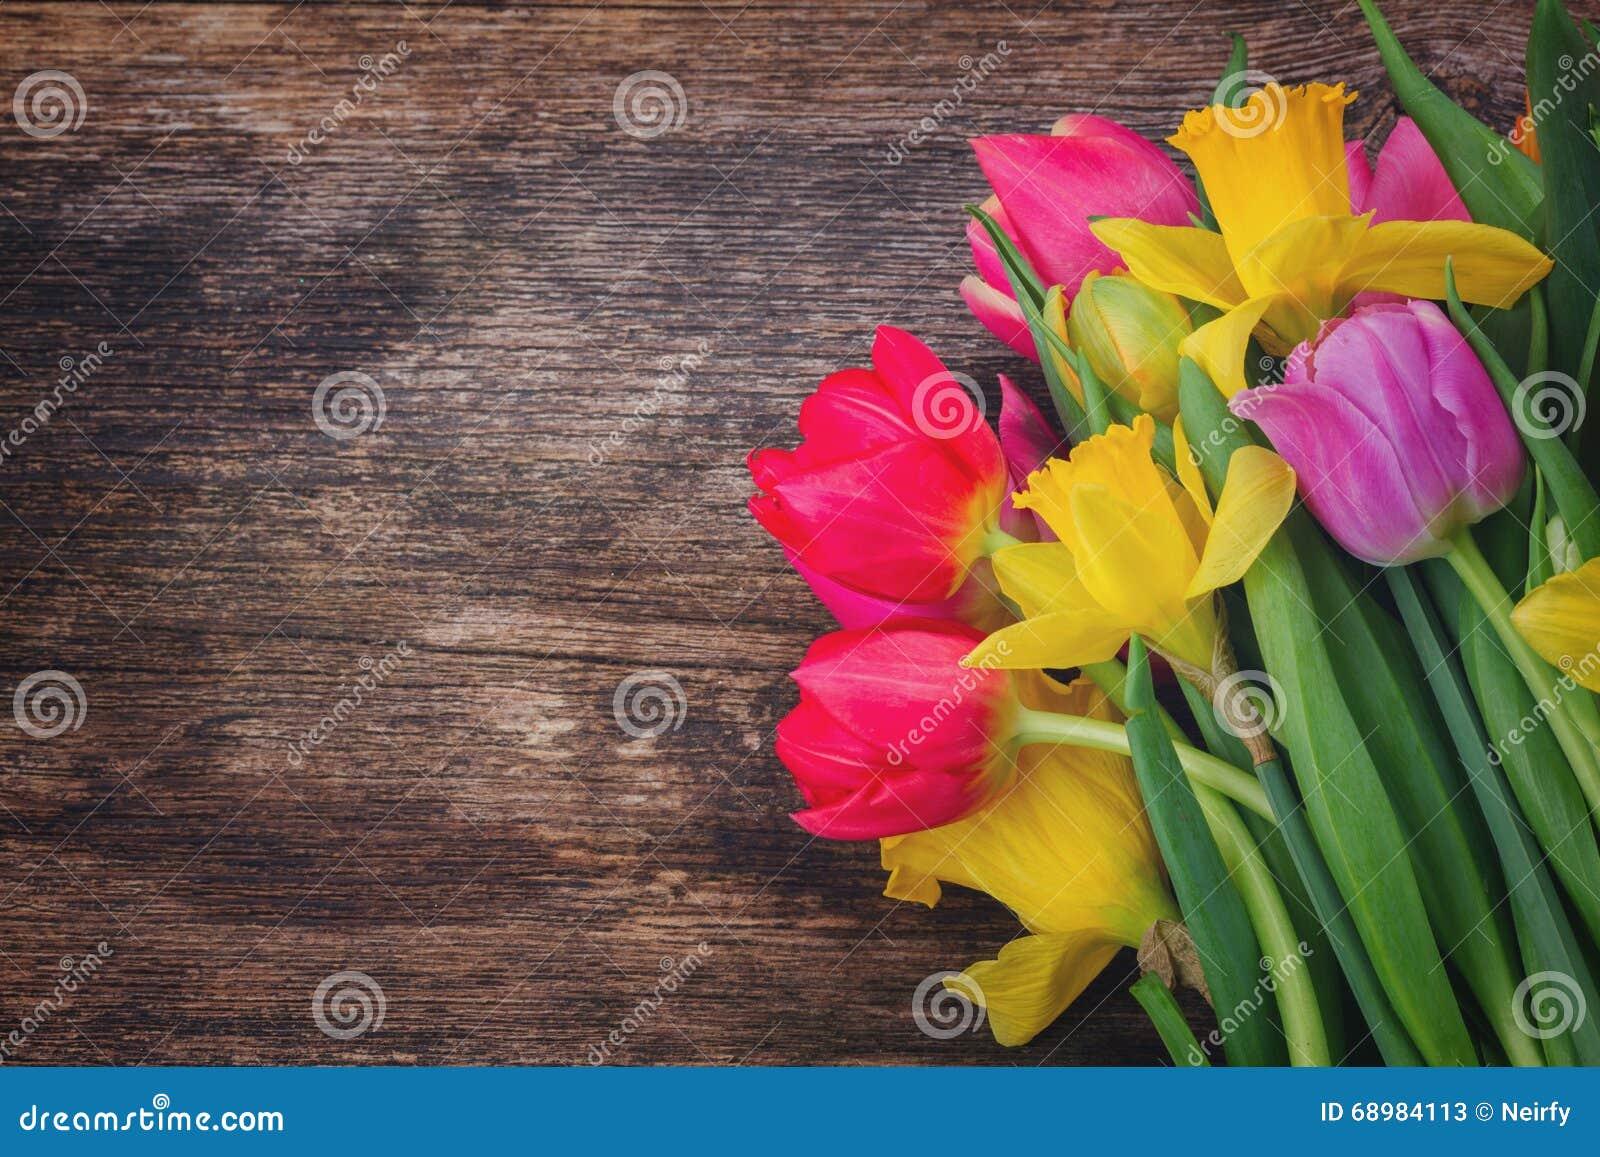 Ramo de tulipanes y de narcisos